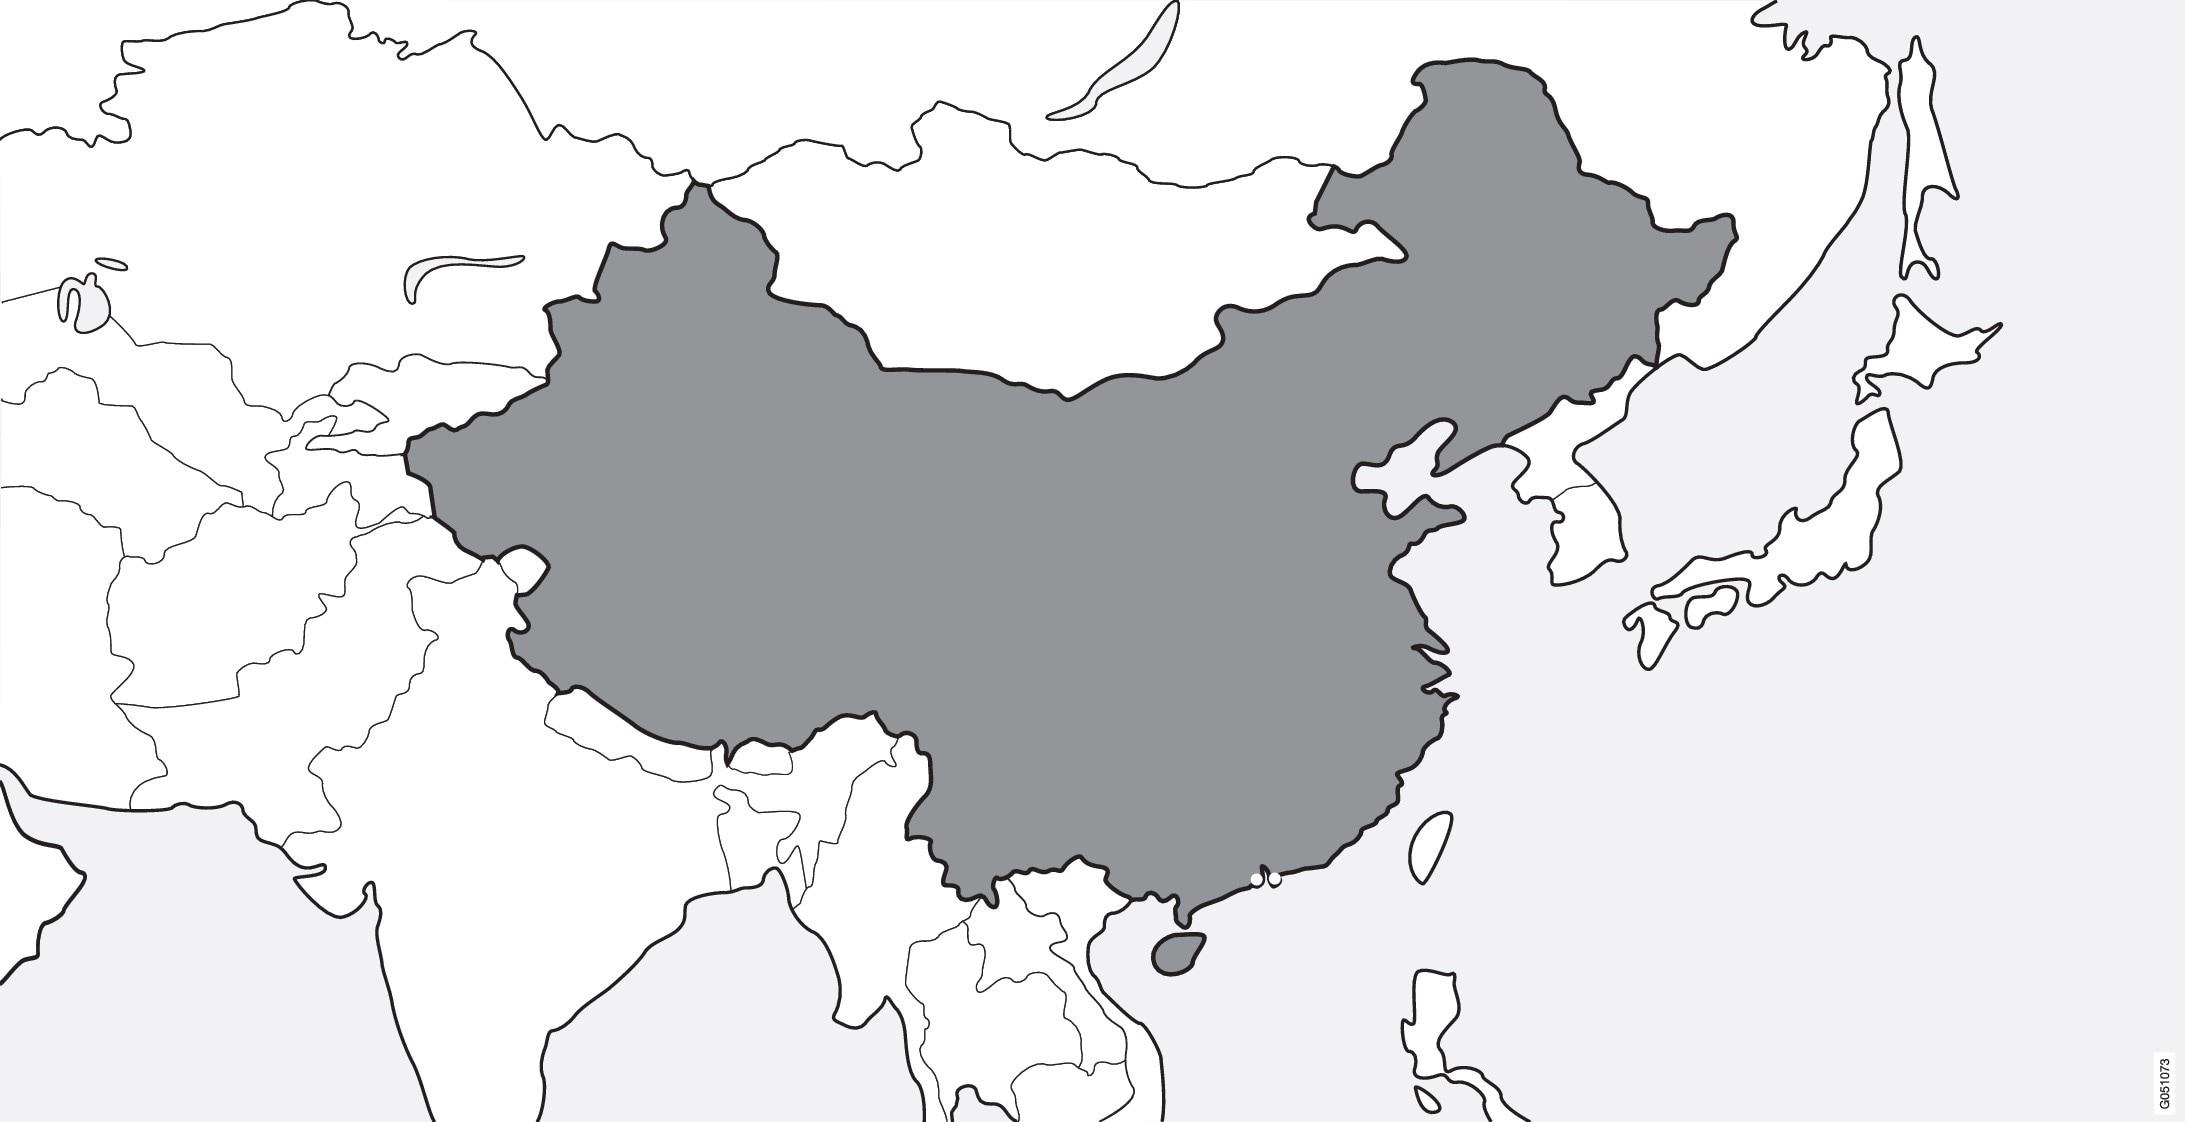 VOC在标记为灰色的区域可用。VOC在中国香港或澳门地区不可用。